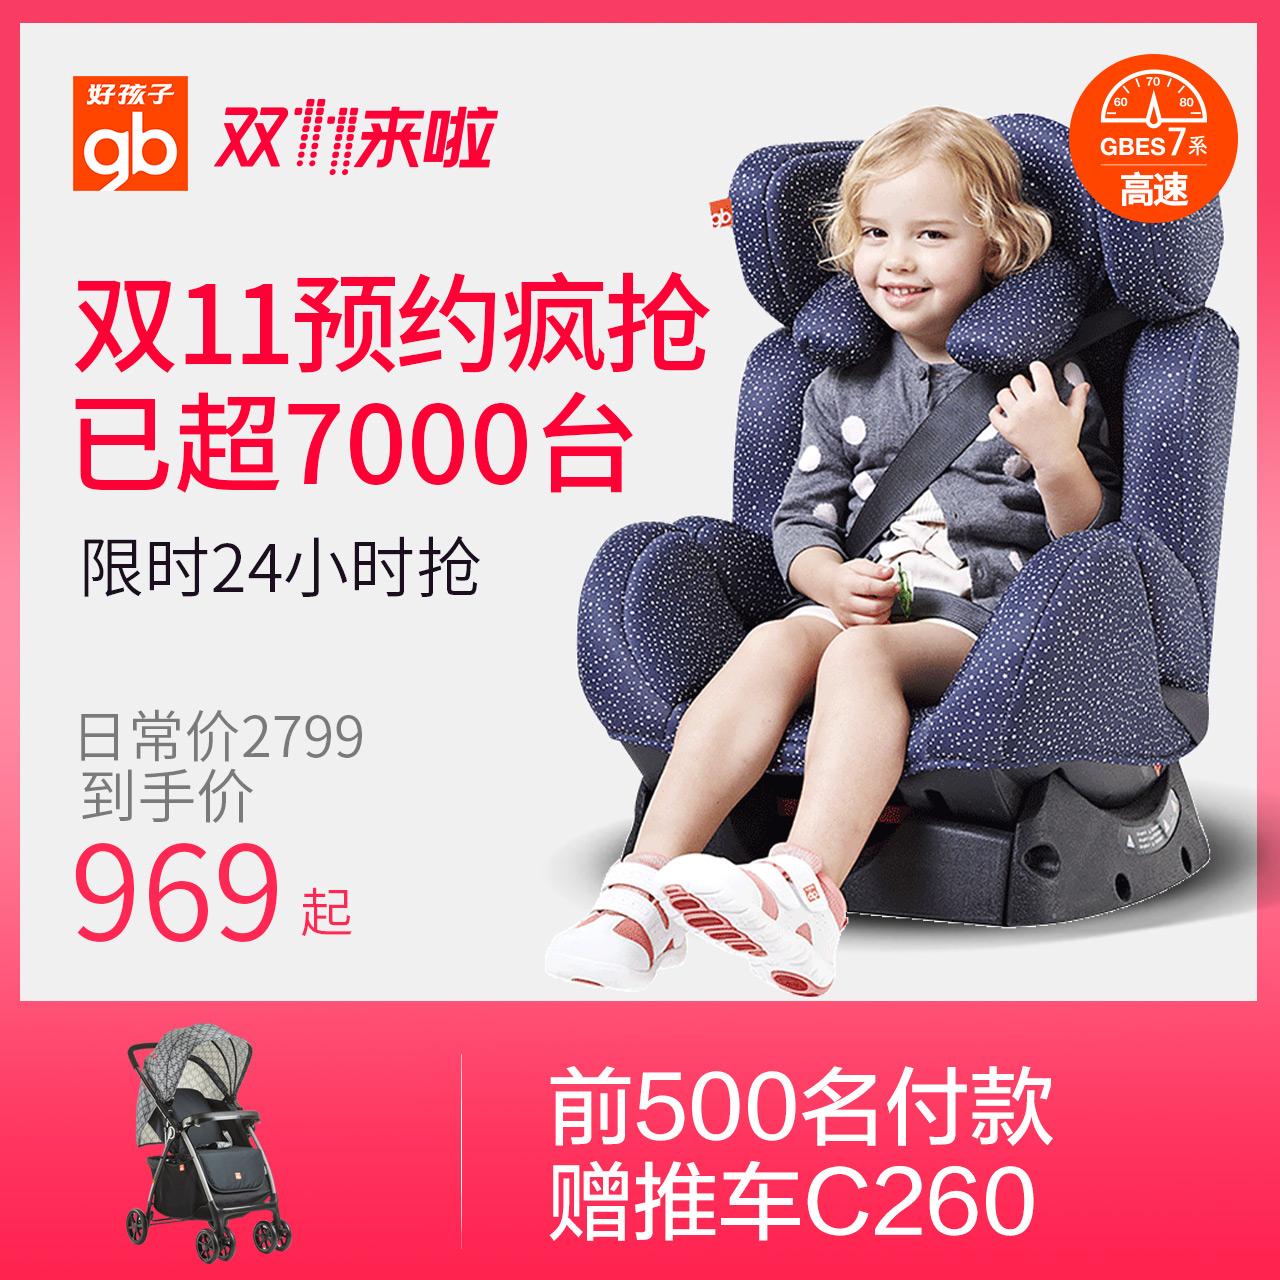 雙11預告: Goodbaby 好孩子 CS719 兒童安全座椅